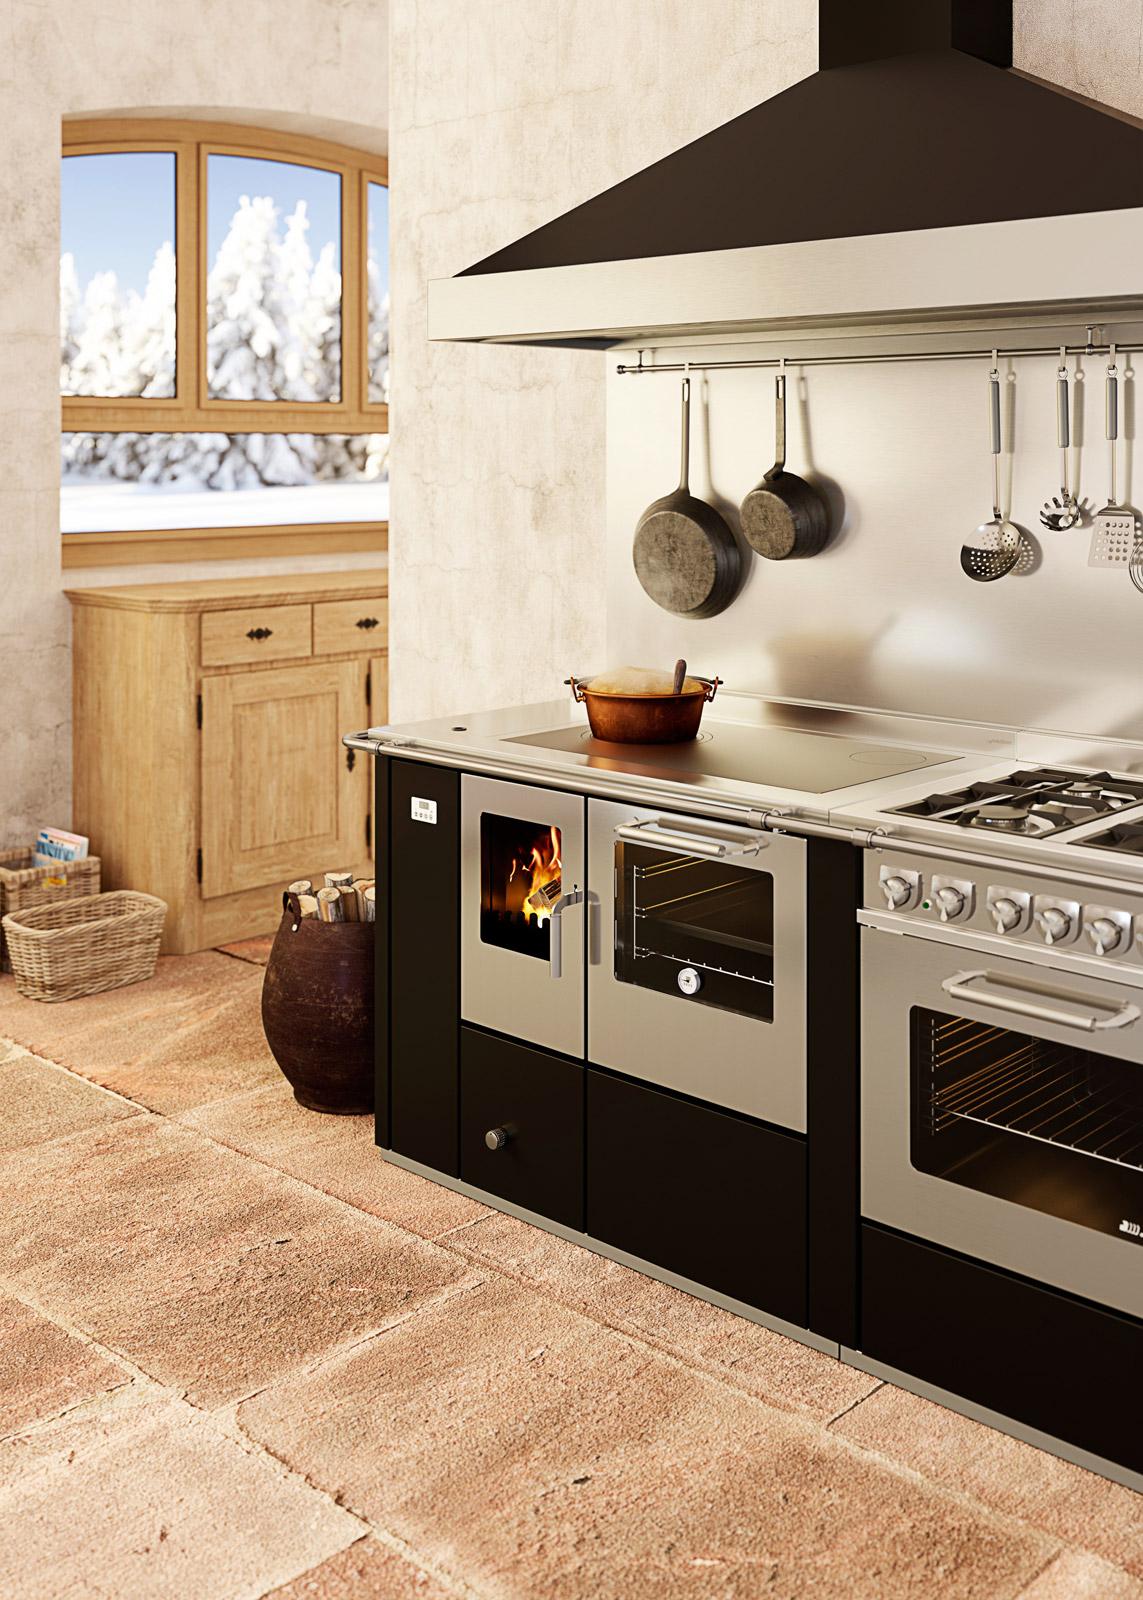 Combinaciones demanincor s p a for Configurador cocinas